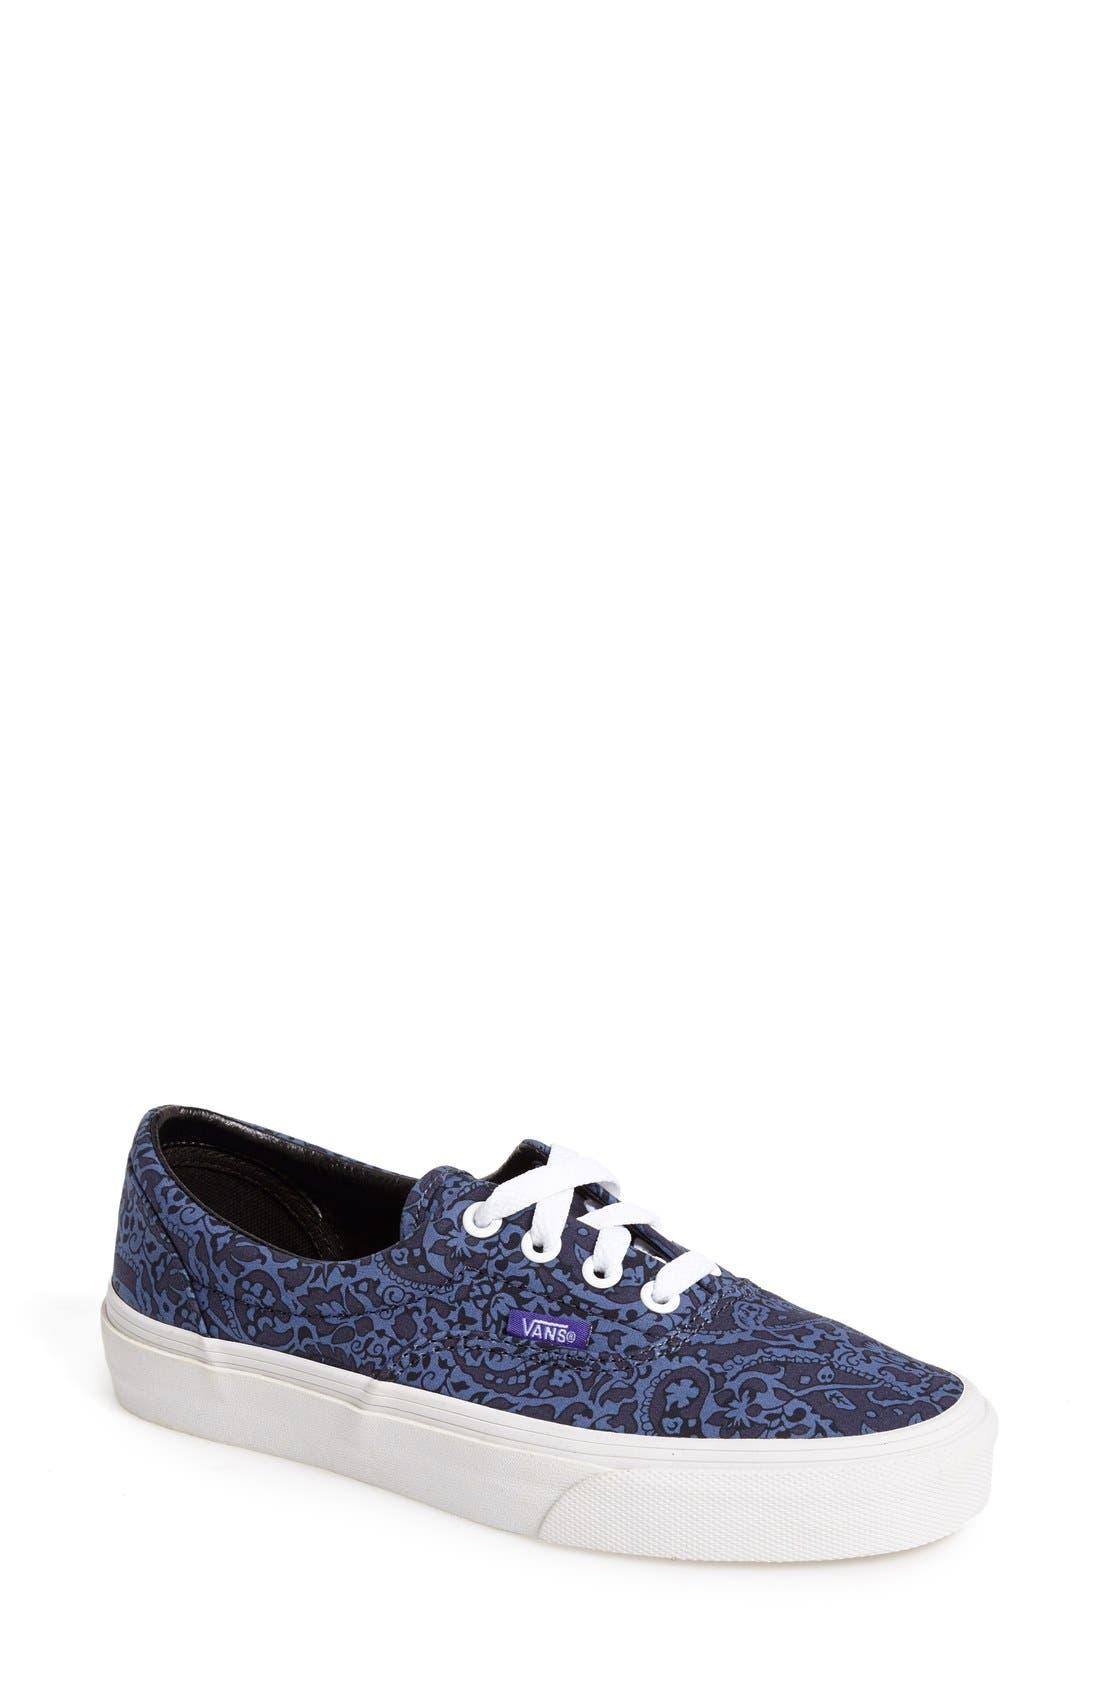 Alternate Image 1 Selected - Vans 'Liberty Era' Sneaker (Women)